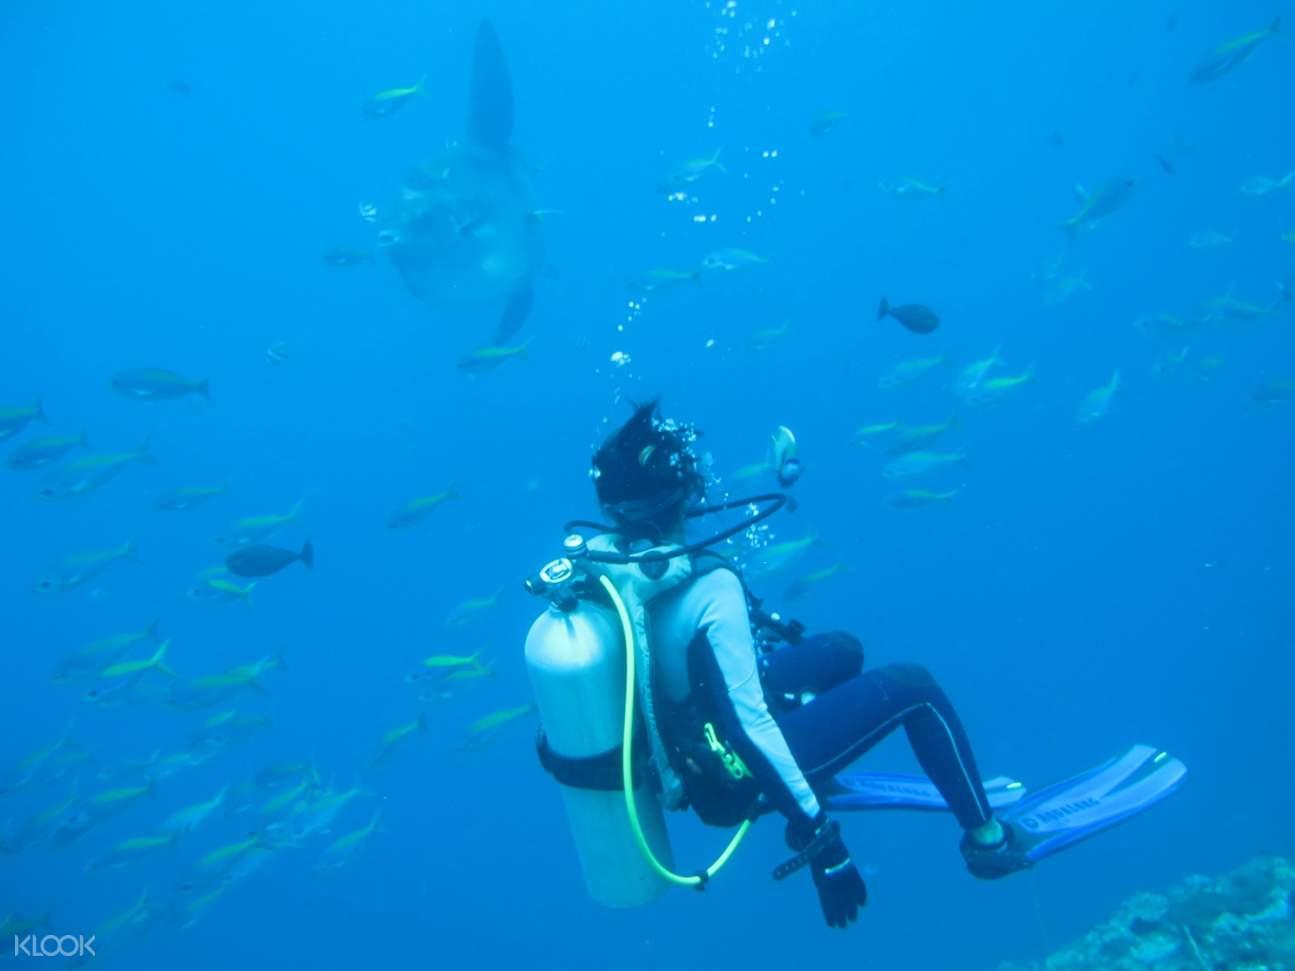 珀尼達島魚群,珀尼達島水肺潛水,珀尼達島水肺潛水體驗,珀尼達島潛水